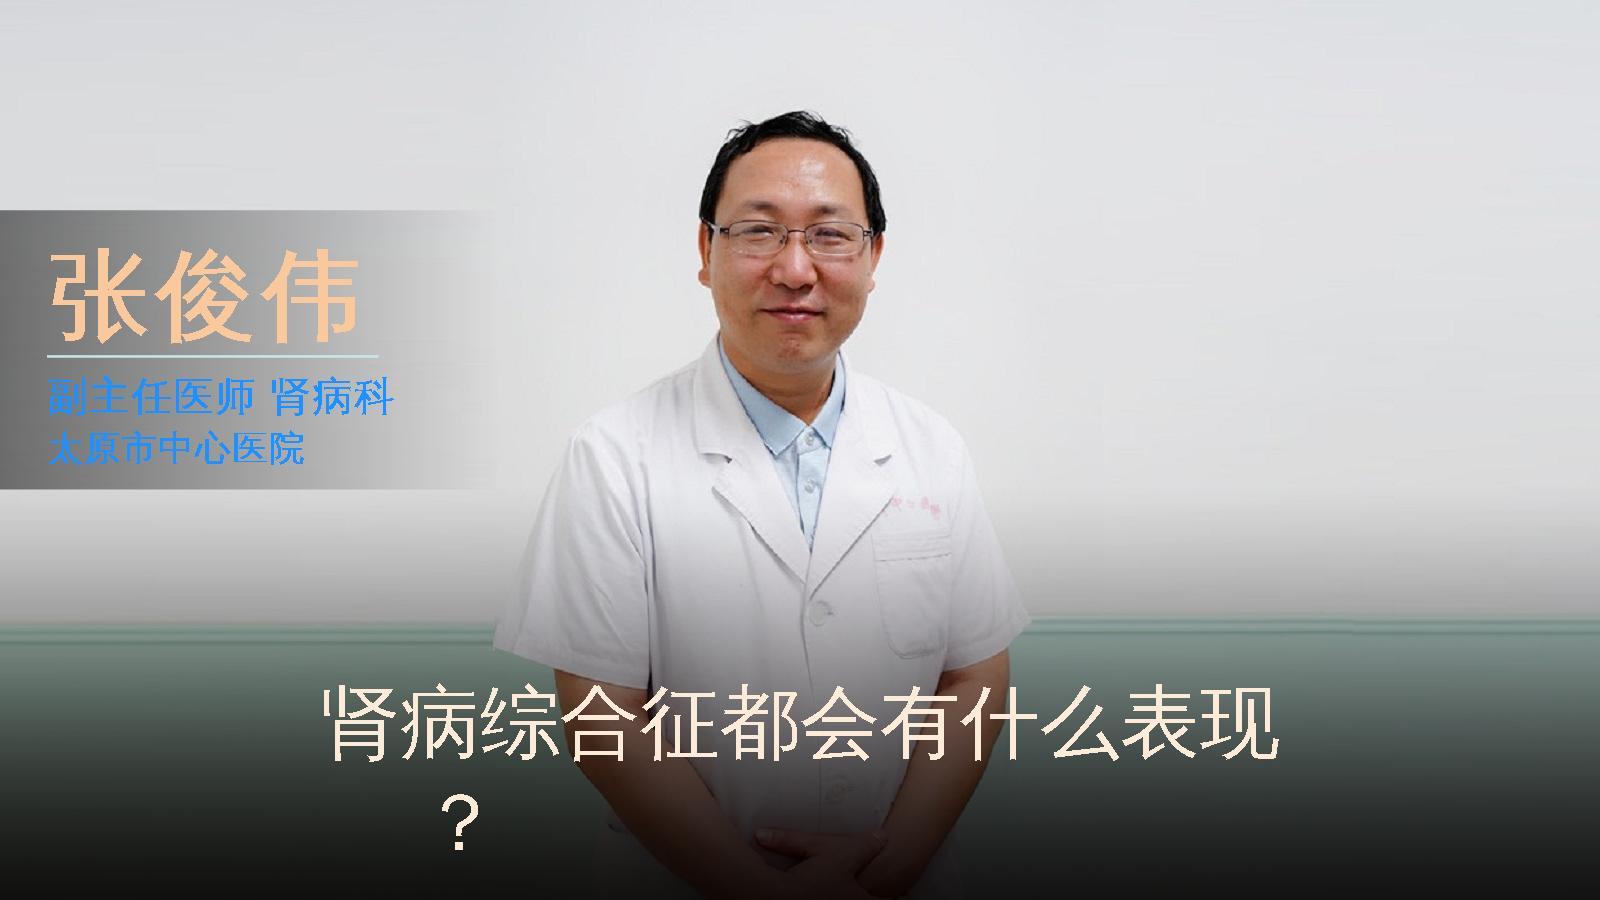 肾病综合征都会有什么表现?